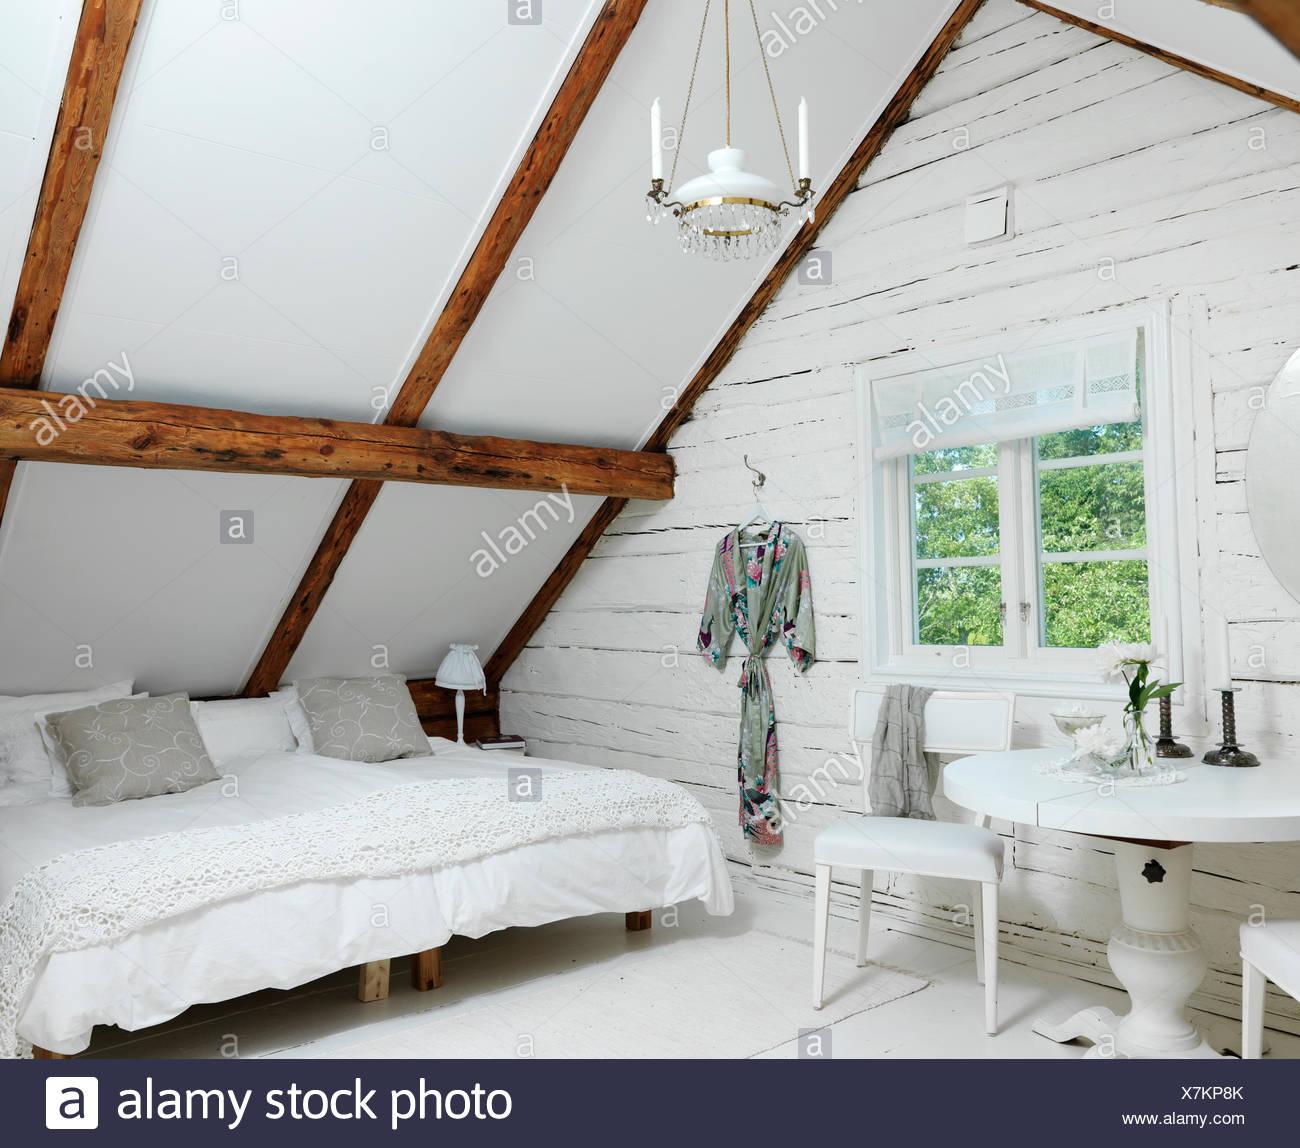 La Suède, une chambre mansardée dans un style rustique Photo Stock